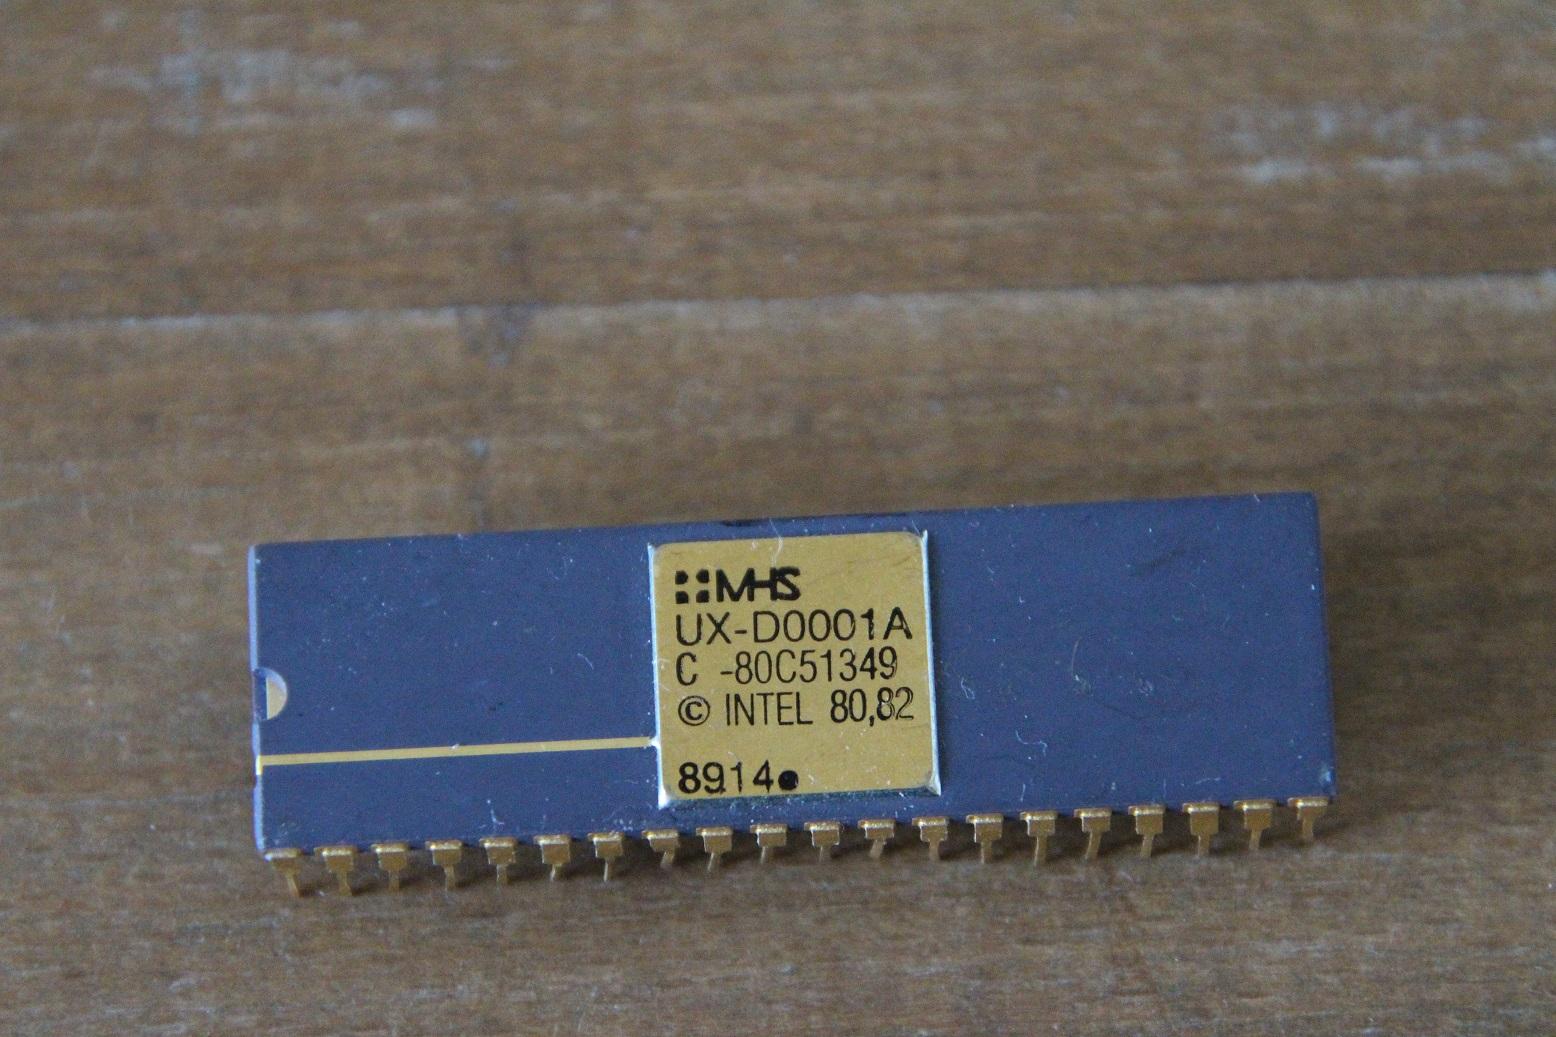 MHS UX-D0001A C -80C51349